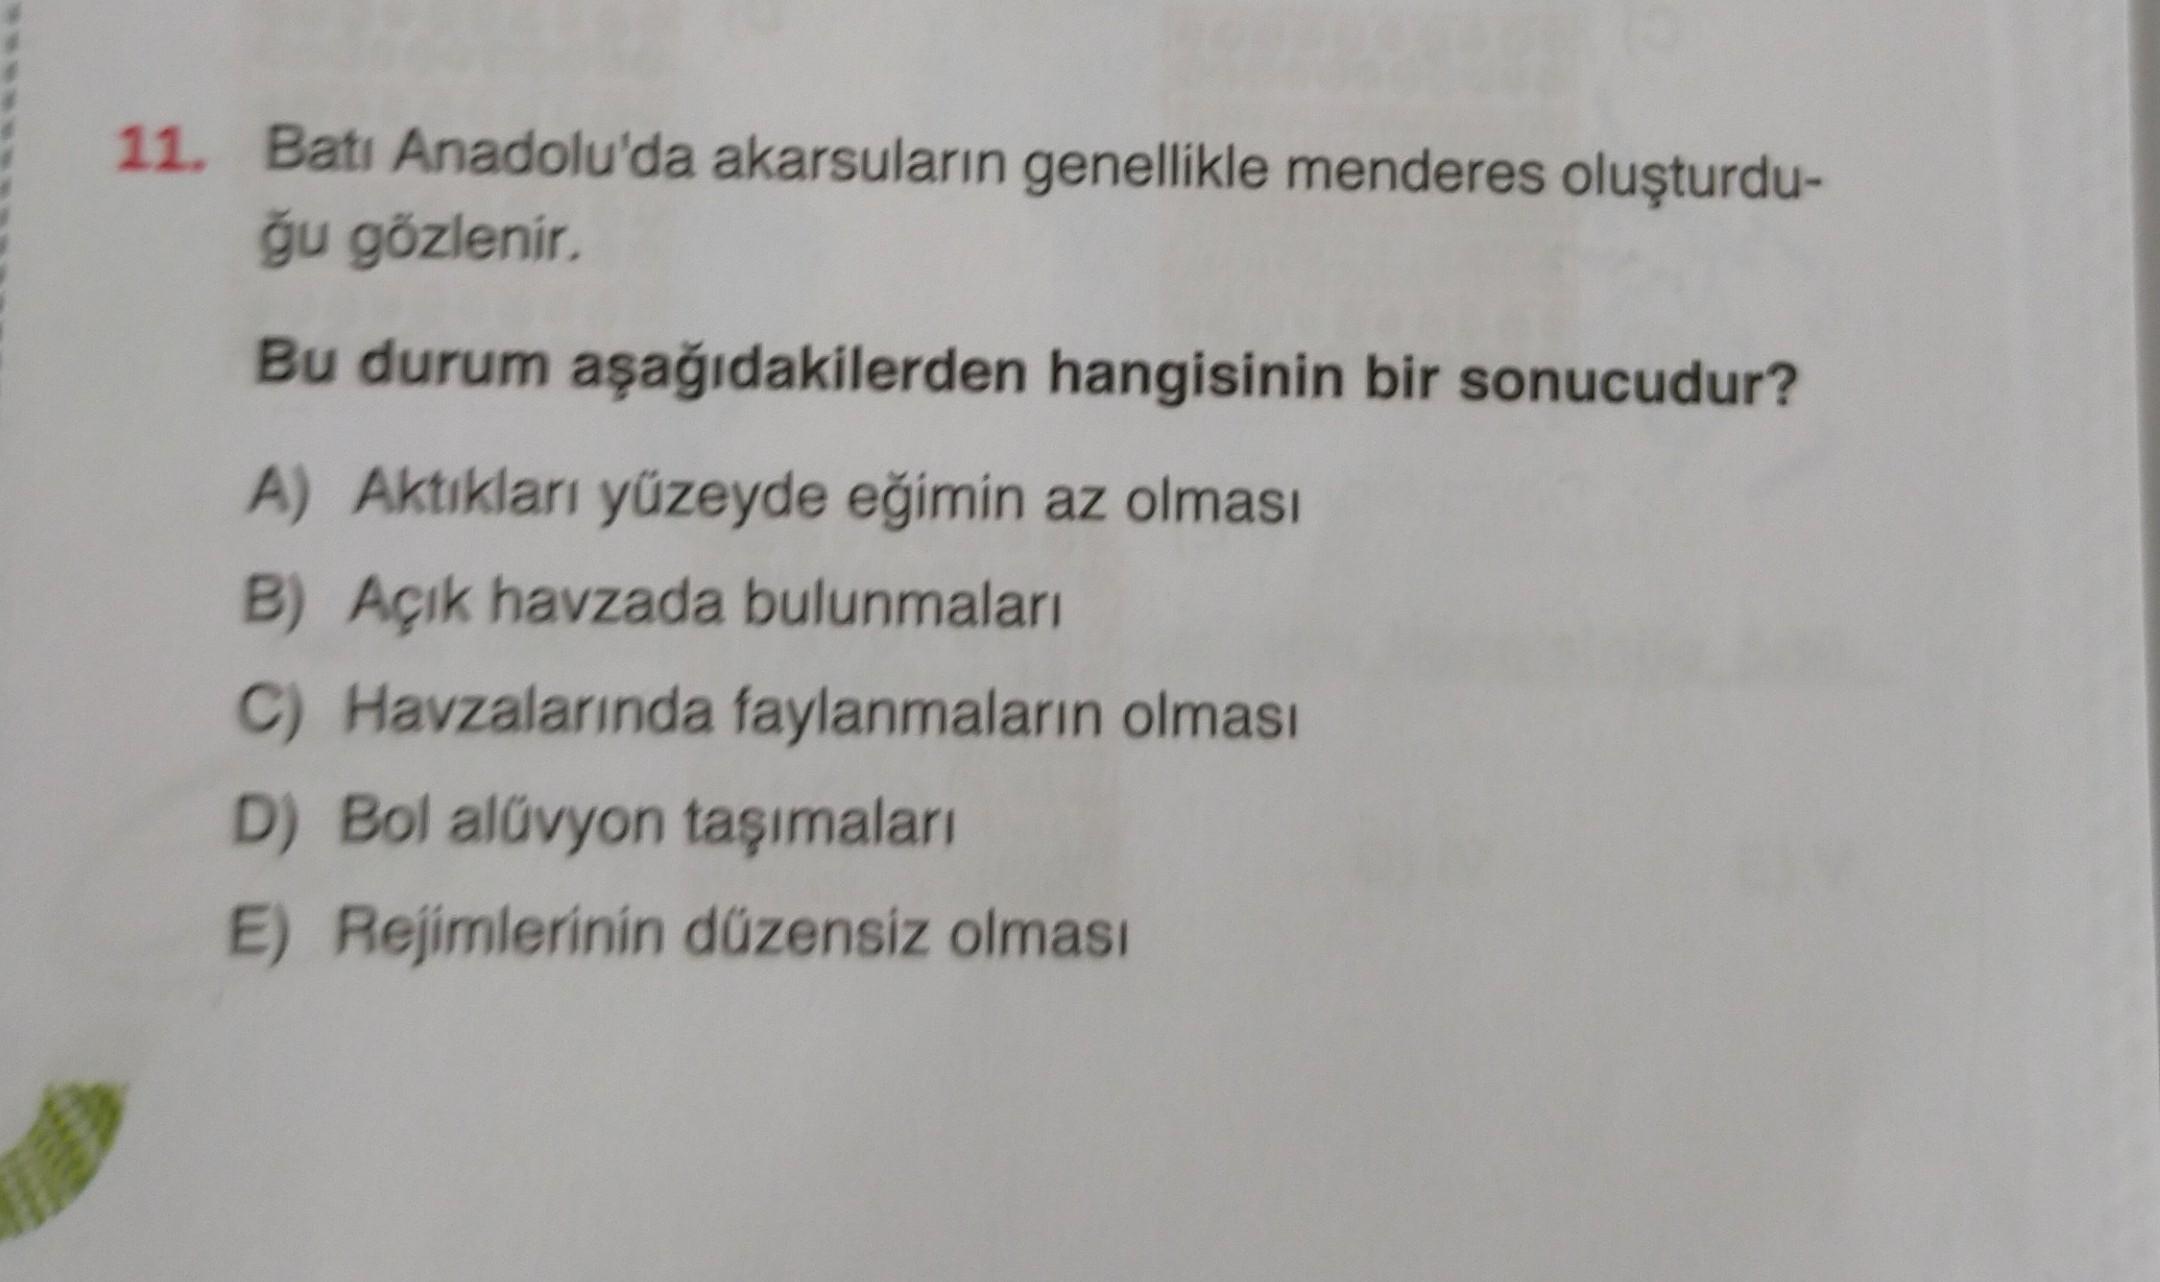 11. Batı Anadolu'da akarsuların genellikle menderes oluşturdu- ğu gözlenir Bu durum aşağıdakilerden hangisinin bir sonucudur? A) Aktikları yüzeyde eğimin az olması B) Açık havzada bulunmaları C) Havzalarında faylanmaların olması D) Bol alüvyon taşımaları E